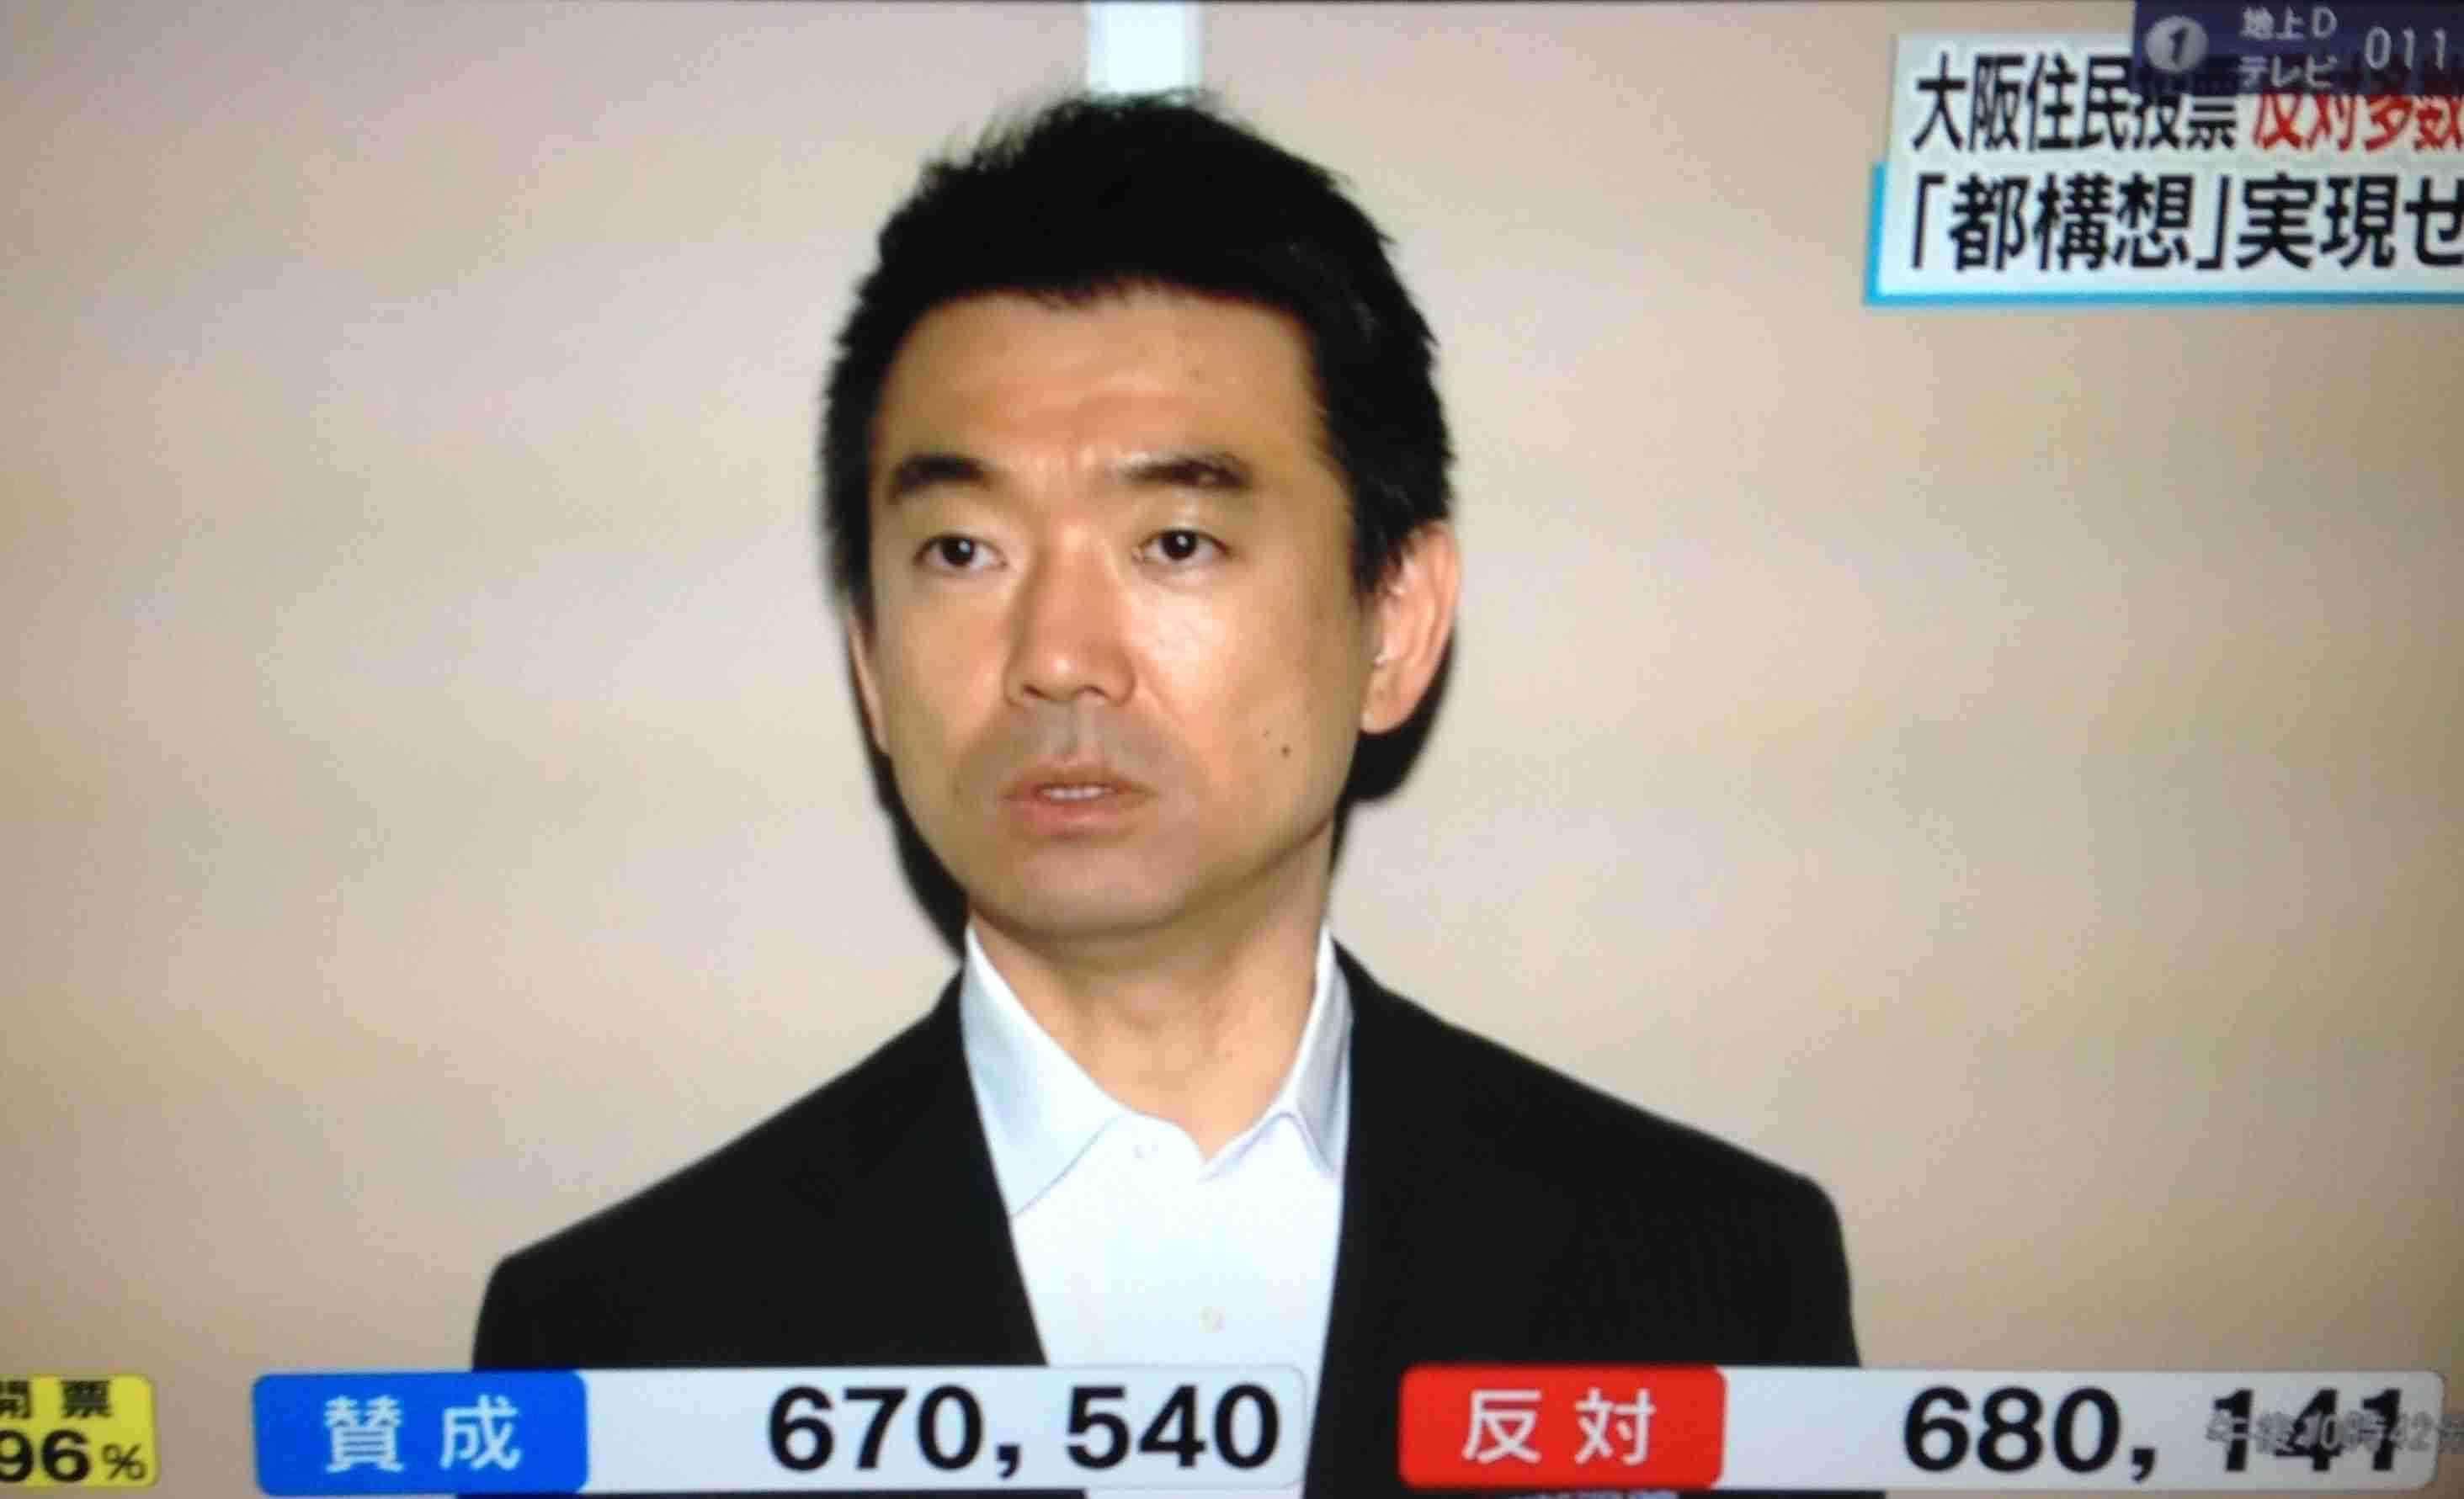 【大阪都構想】投票総数が投票人数を上回る 大阪の住民投票で不正か